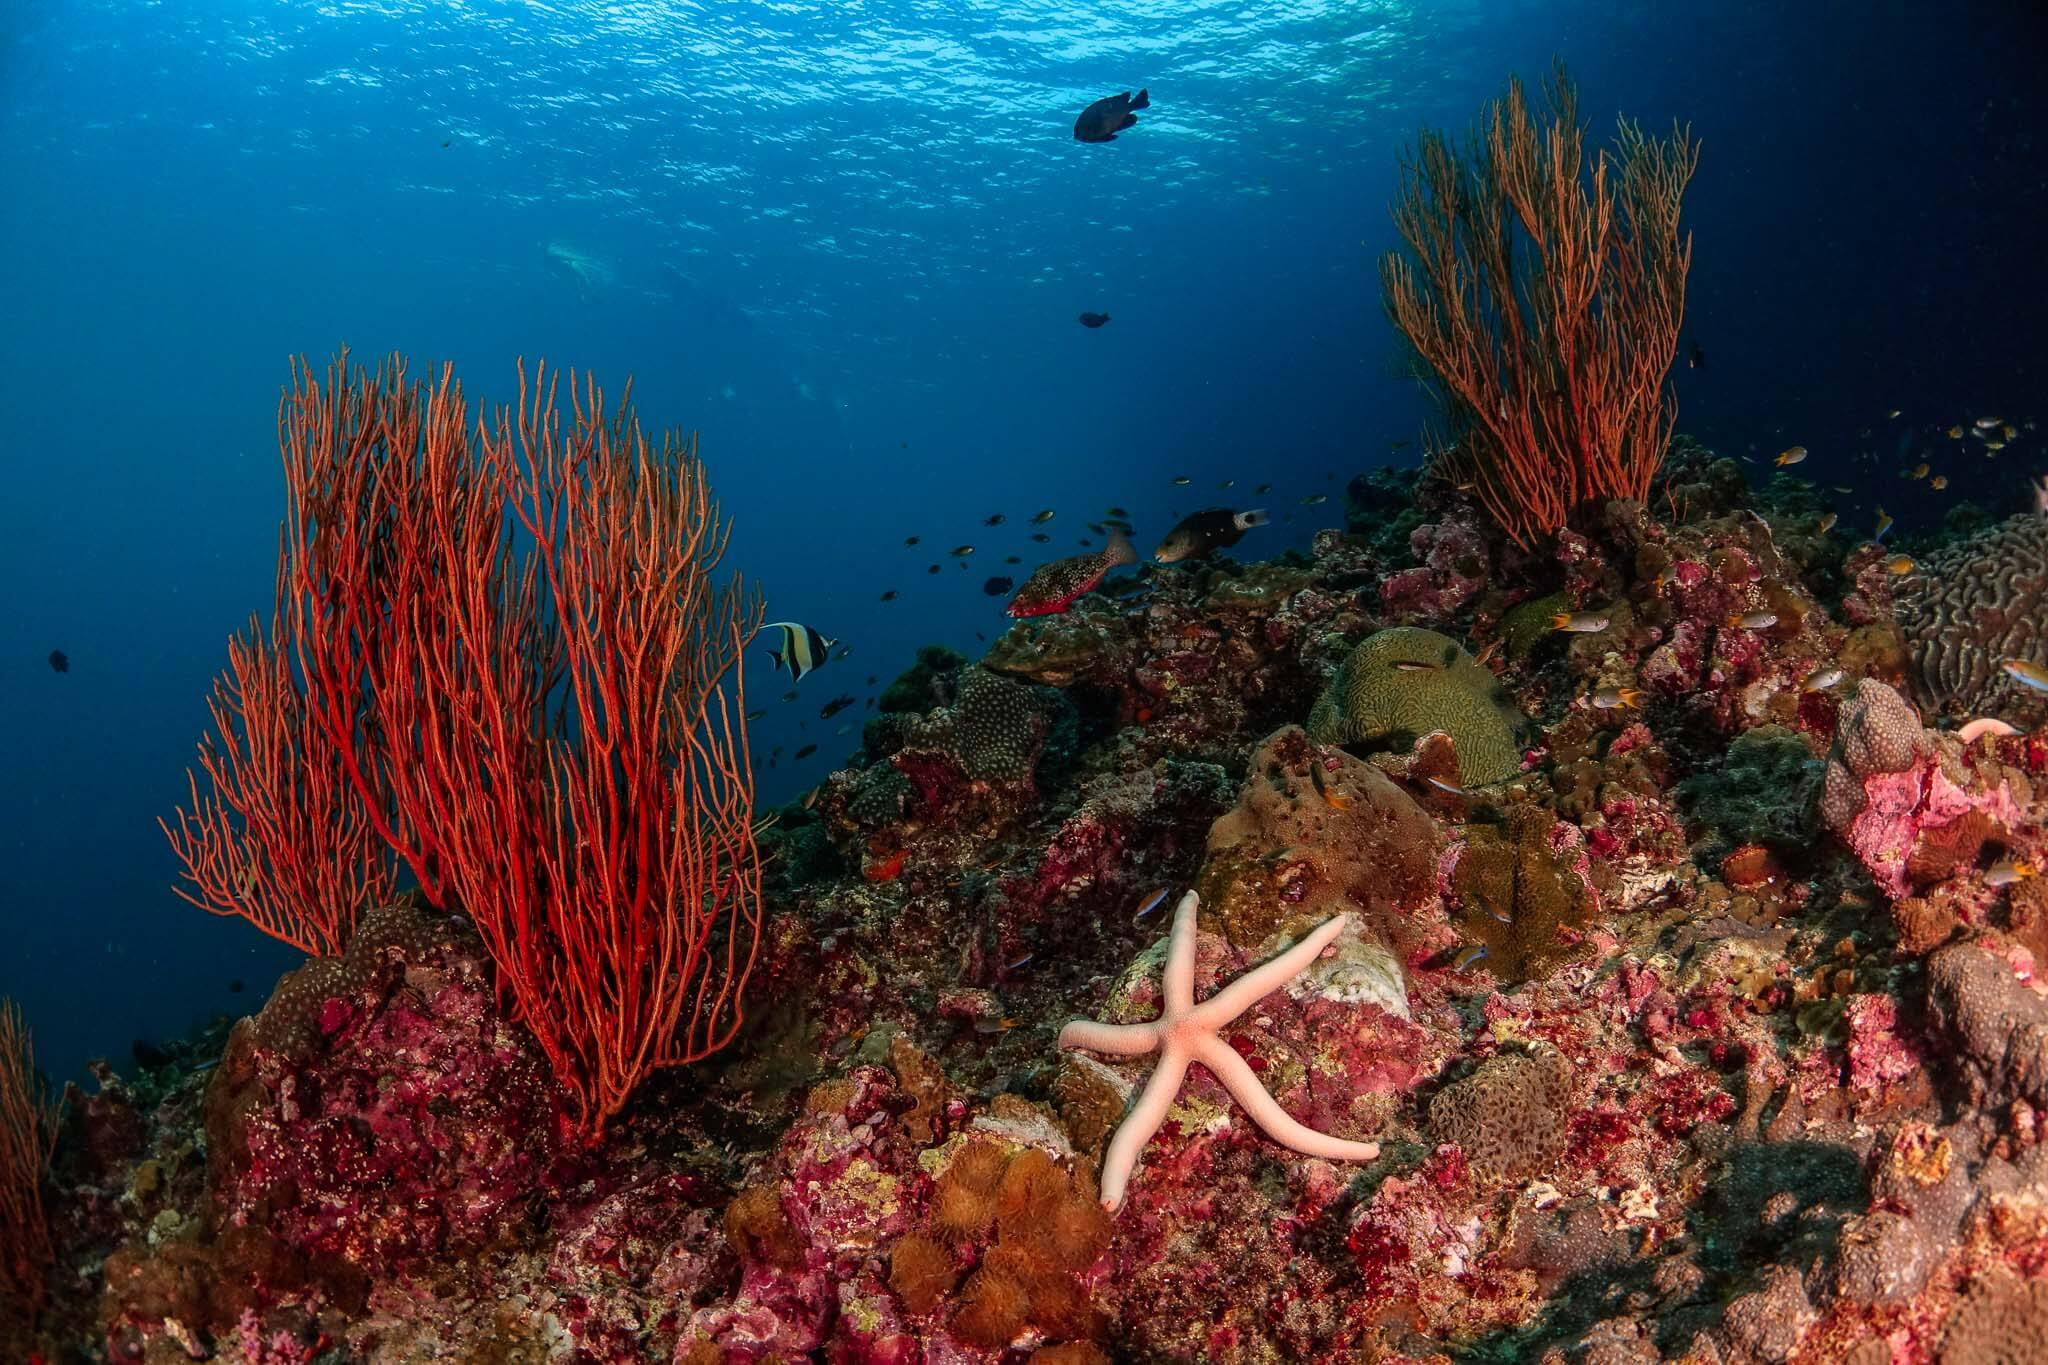 paisaje submarino, aprender fotosub